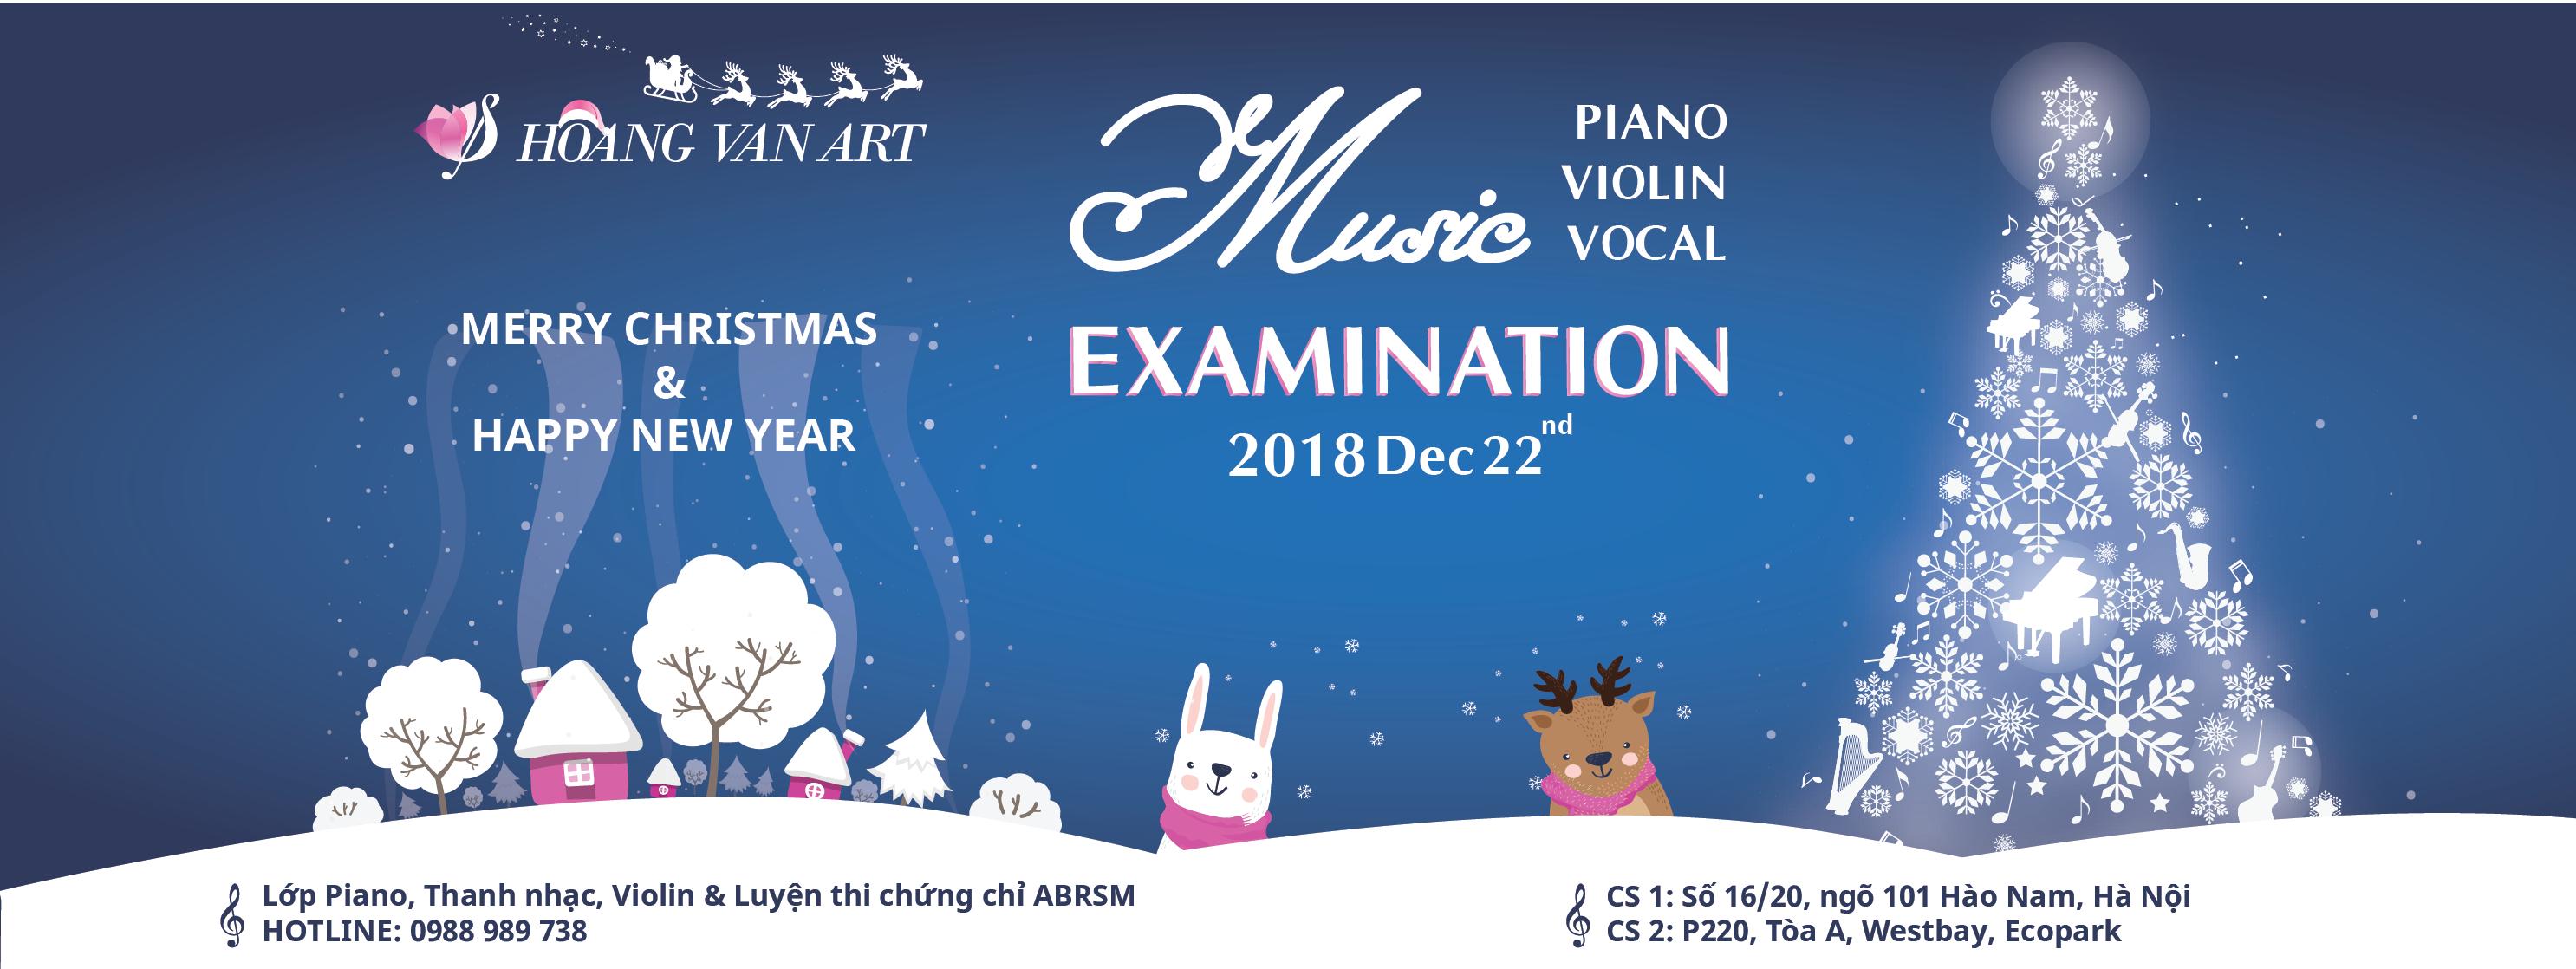 Hoang Van Art - Lop Piano Cho Be - Kiem tra Quy 4-02